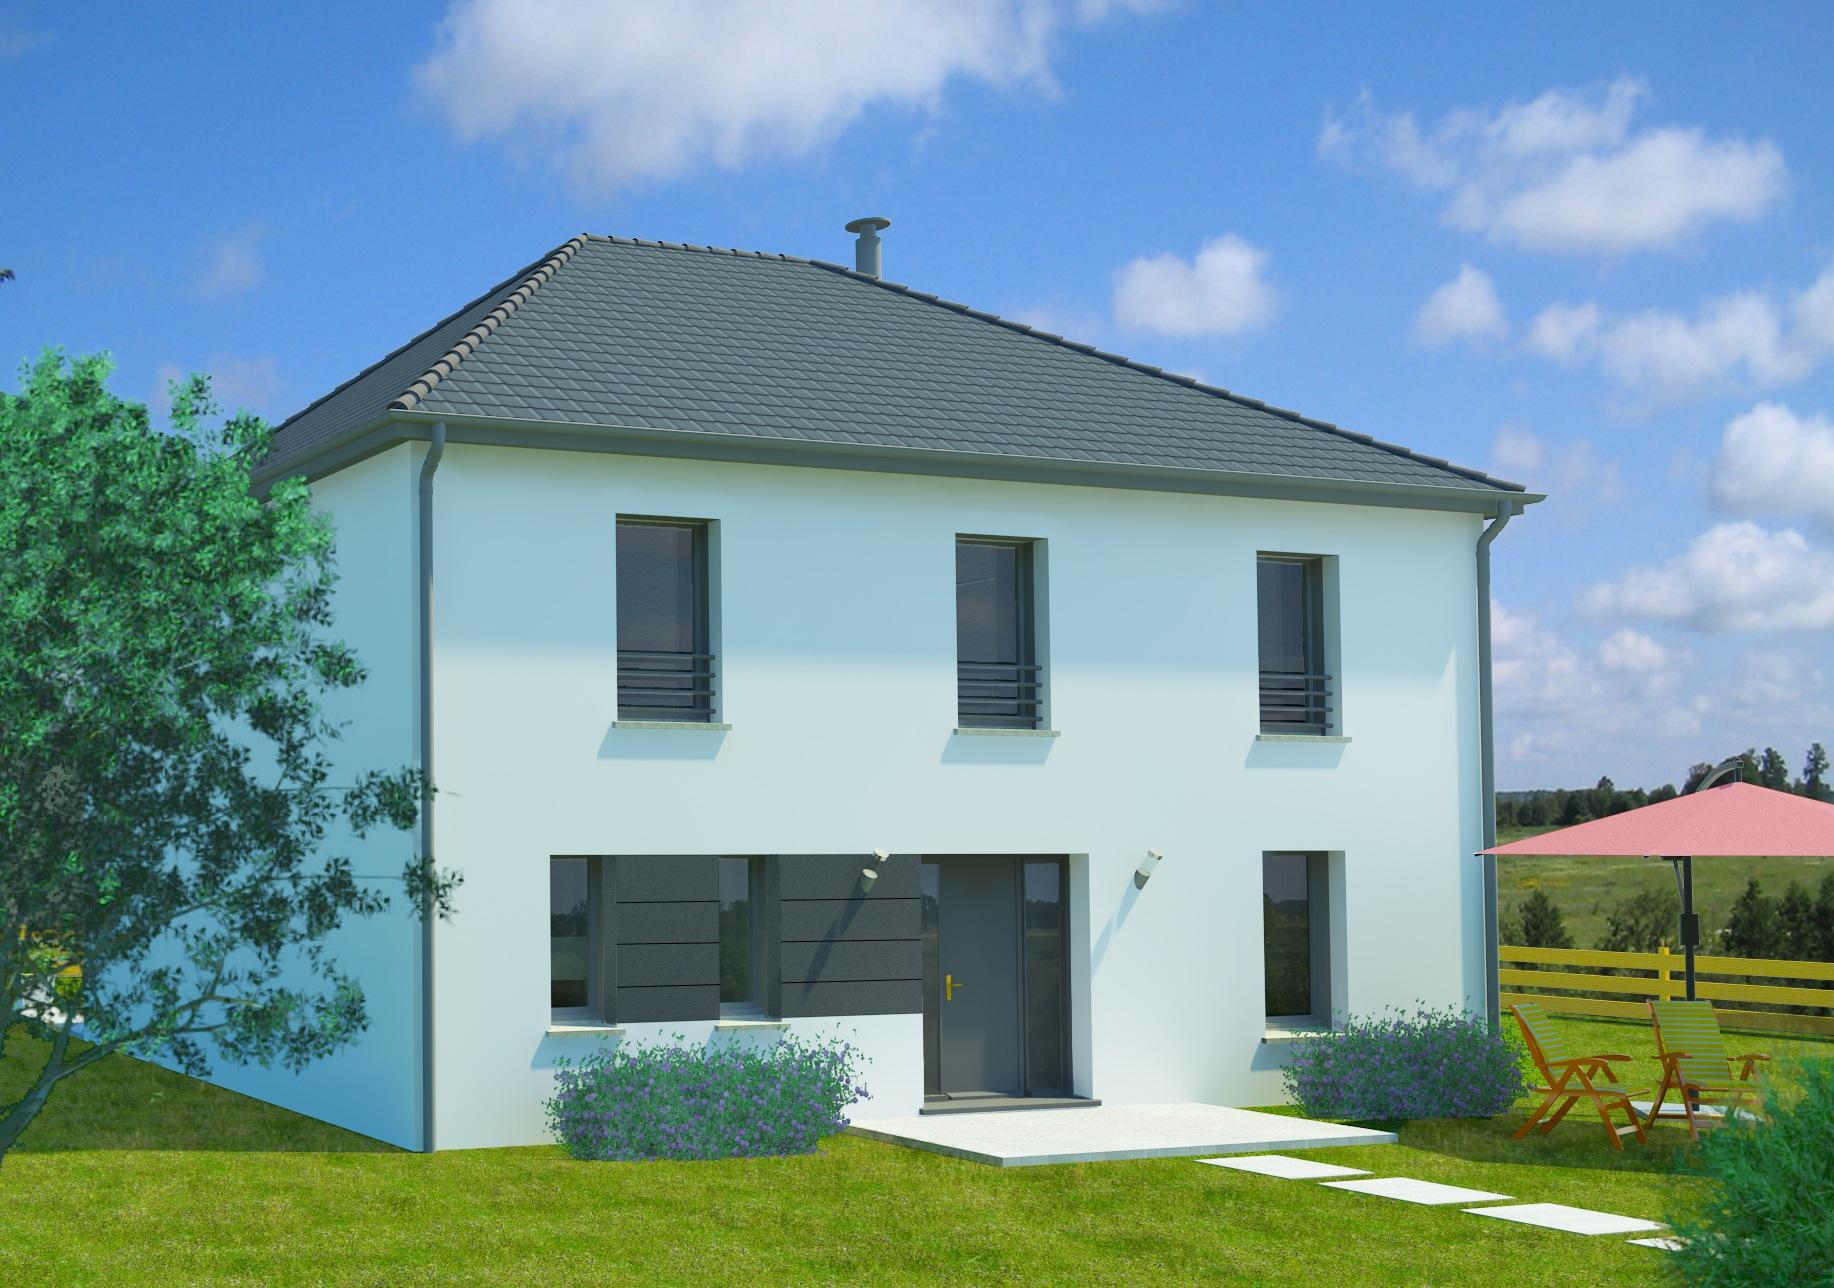 Maisons + Terrains du constructeur MAISON FAMILIALE • 90 m² • CHARNY